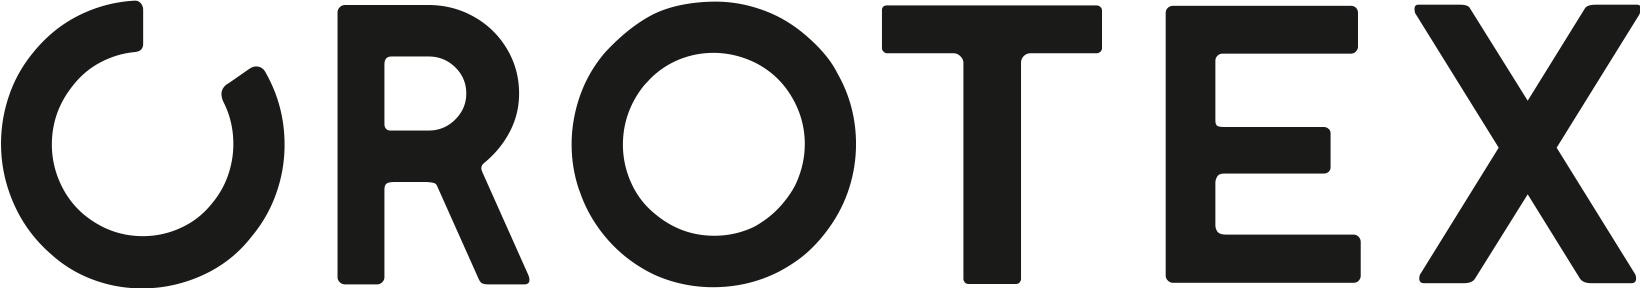 Orotex